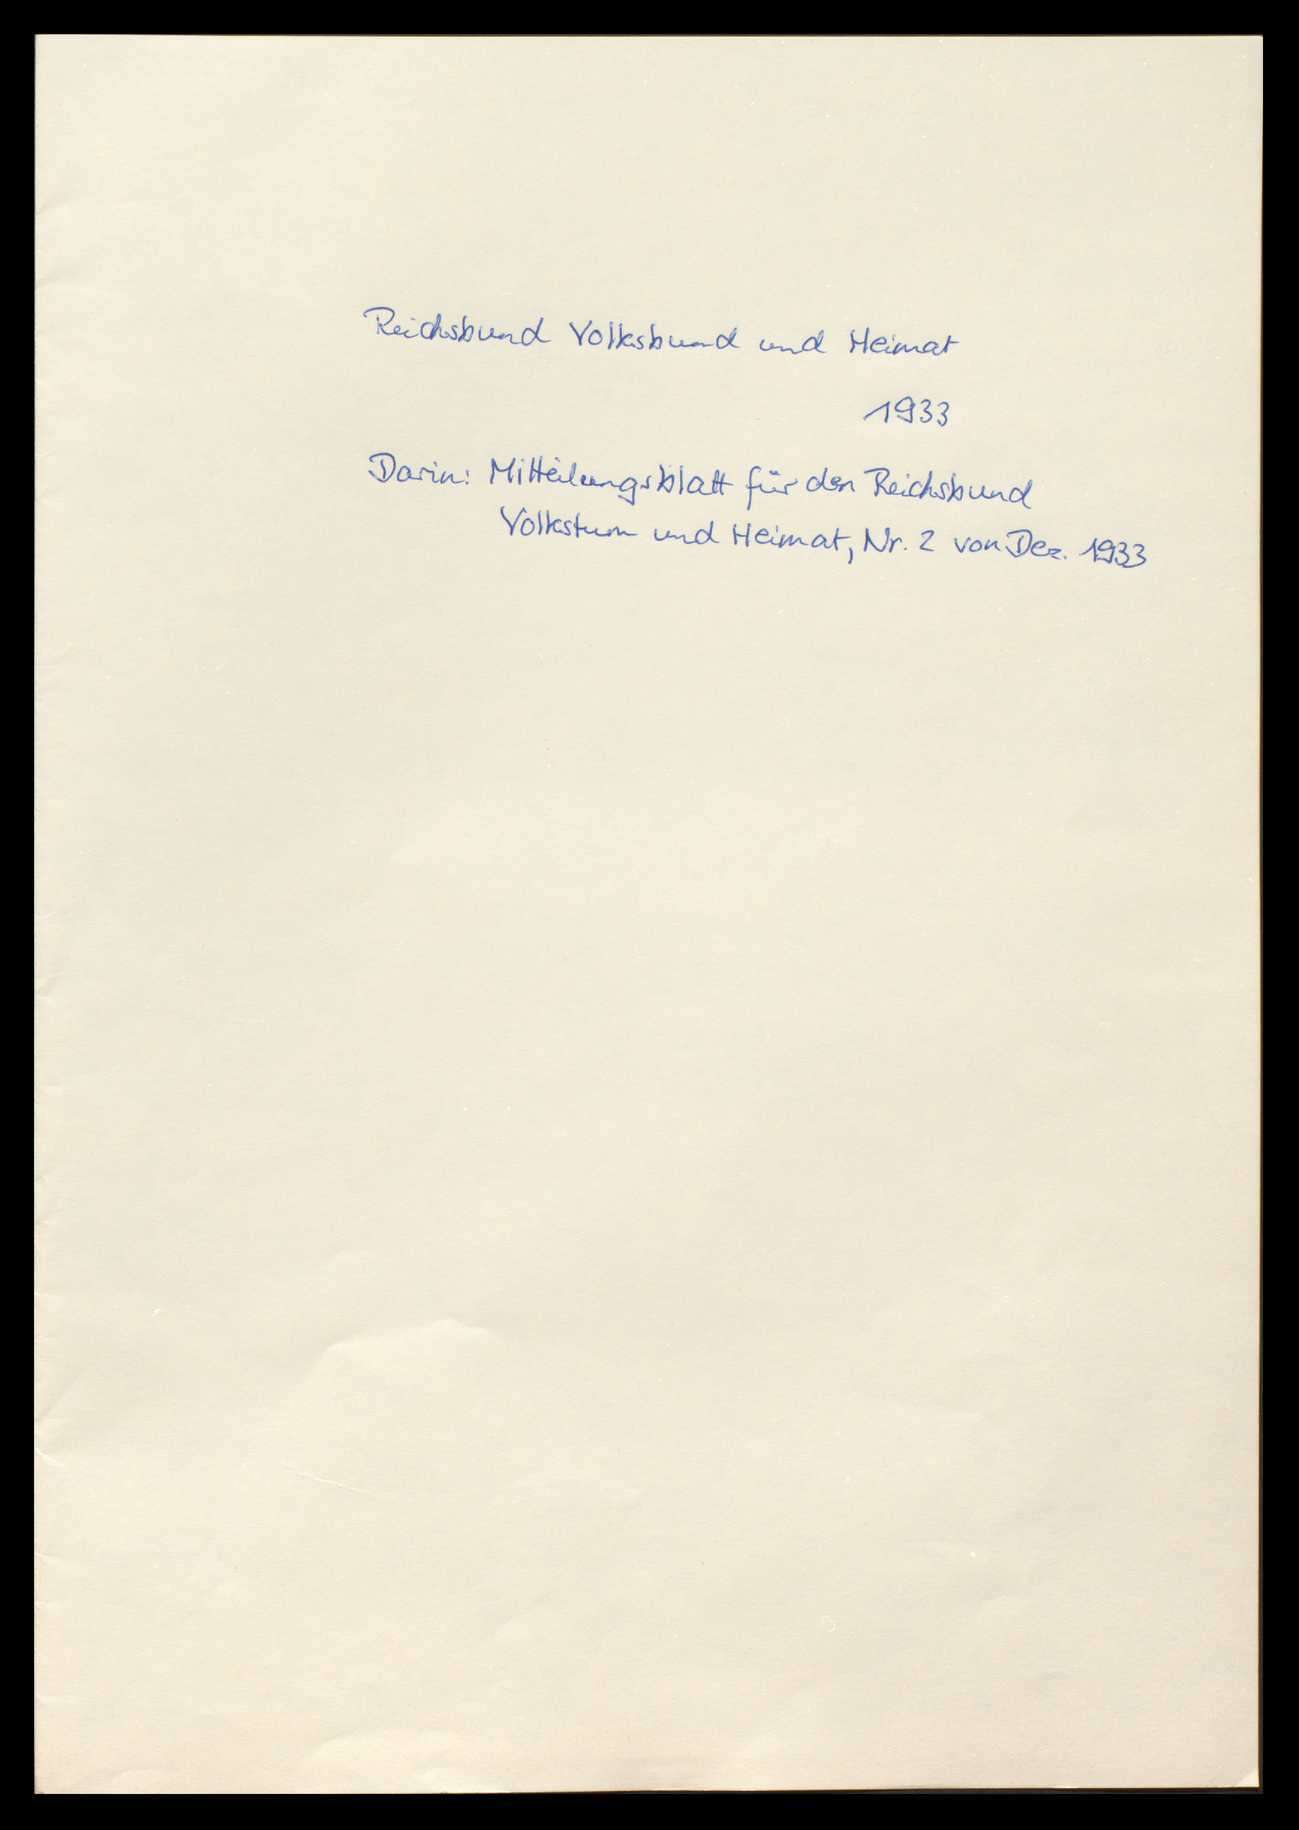 Eingaben nationaler und völkischer Verbände, Bild 1